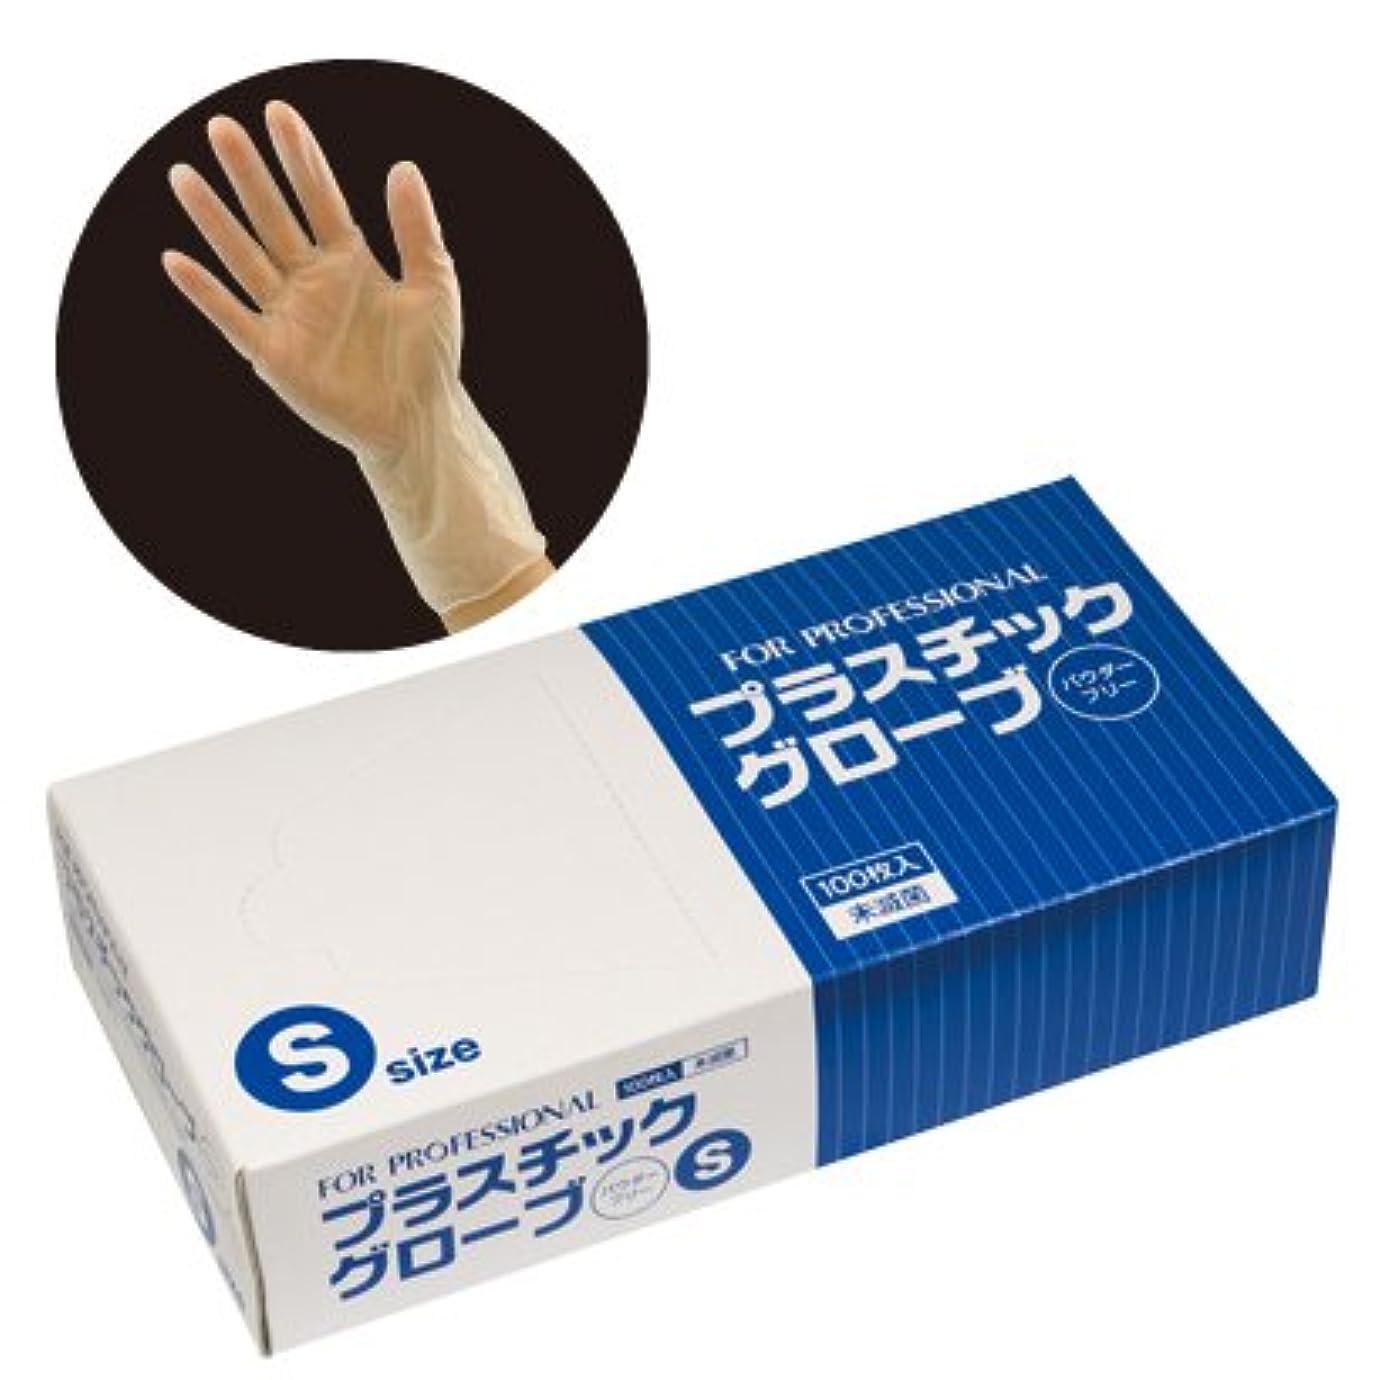 ヒント多用途中止します【歯科専売品】 FEED(フィード) プラスチックグローブ(手袋) パウダーフリー/M カートン (作業用) 100枚入×10ケース (378円/1個あたり)